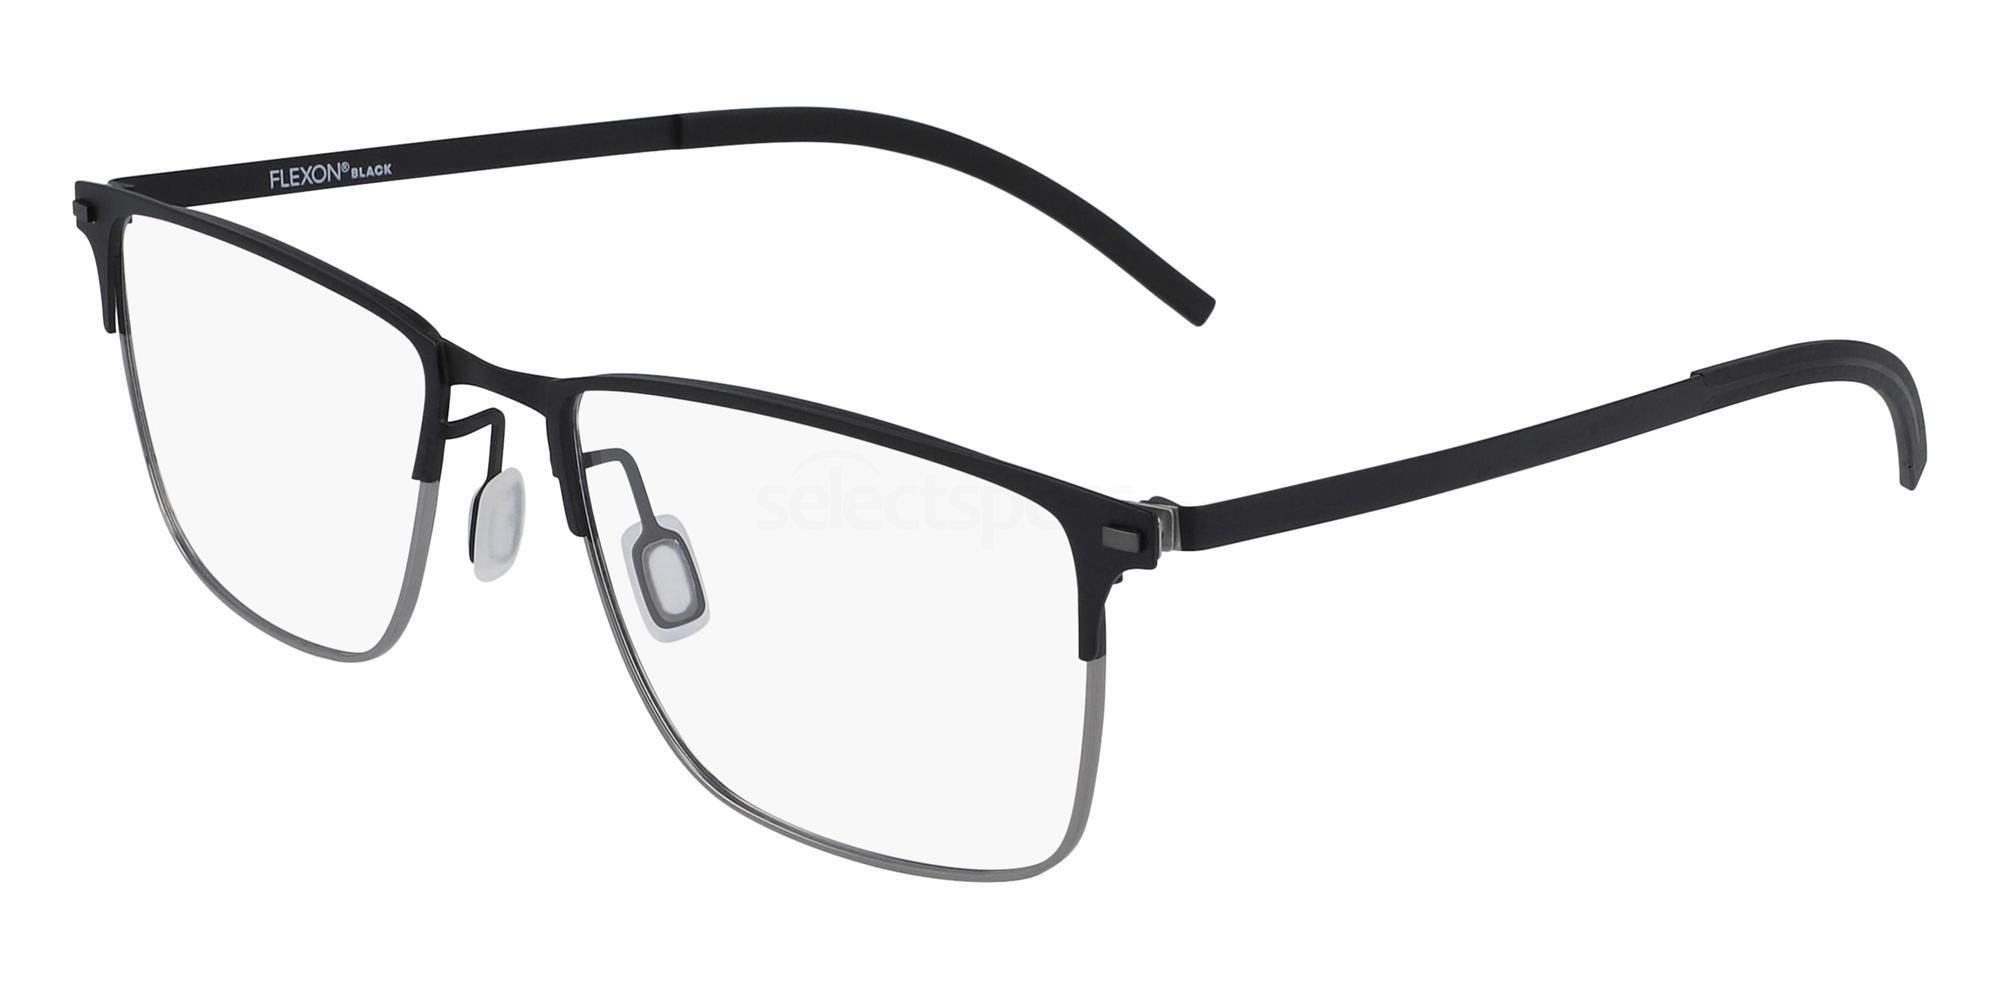 001 FLEXON B2031 Glasses, Flexon